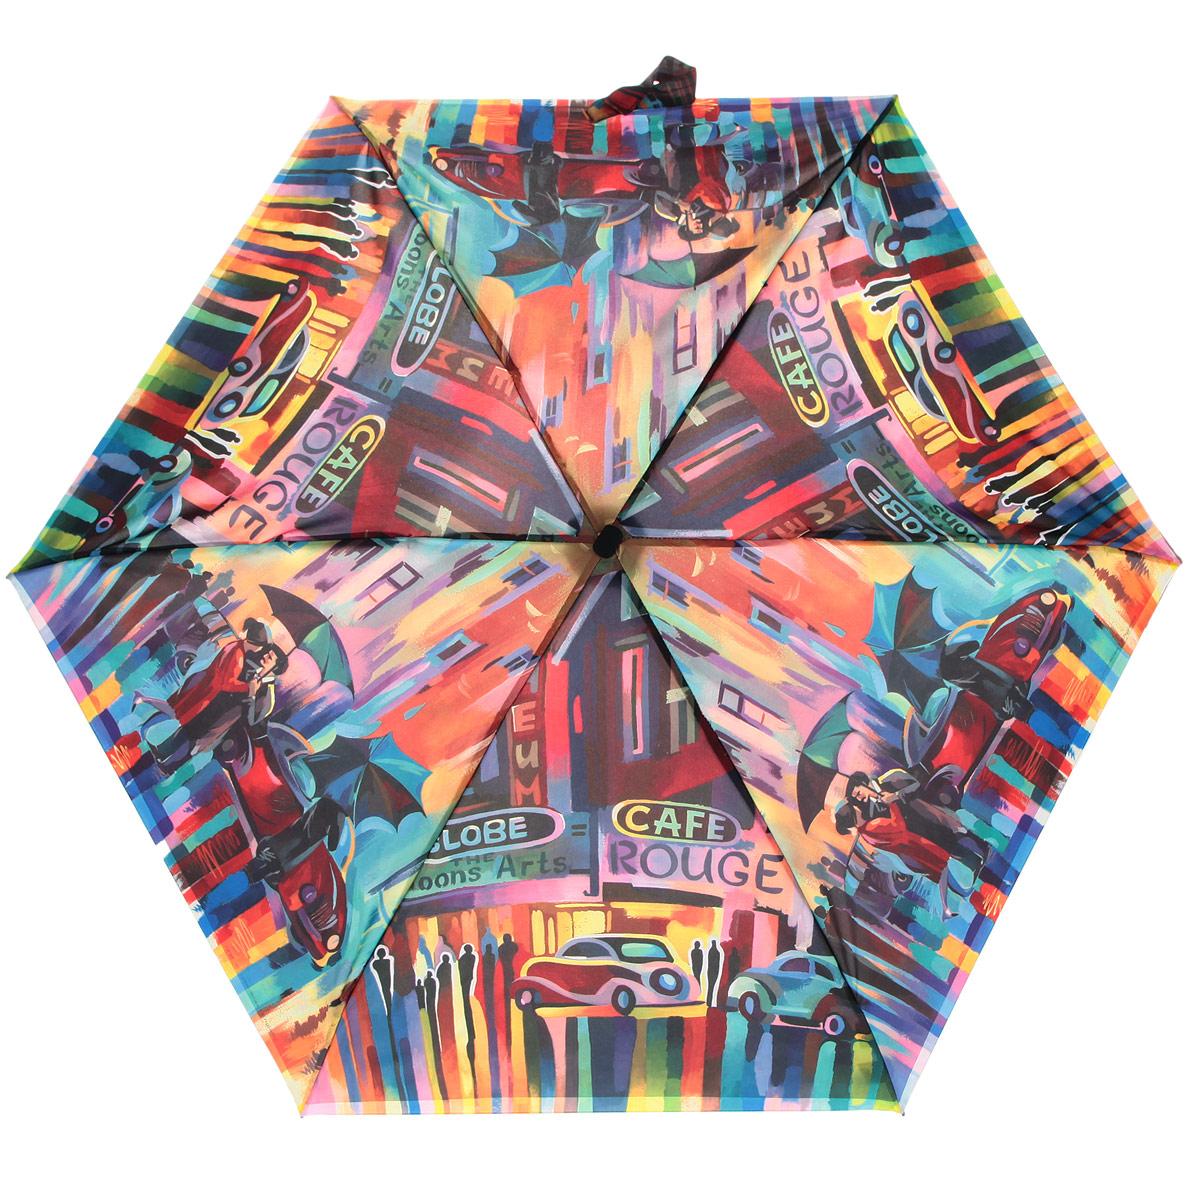 Зонт женский Zest, цвет: мультицвет. 25516-113925516-1139Компактный женский зонт ZEST выполнен из металла, пластика и оформлен ярким принтом. Каркас зонта выполнен из шести спиц, стержень из стали. На концах спиц предусмотрены металлические элементы, которые защитят владельца от травм. Купол зонта изготовлен прочного полиэстера. Закрытый купол застегивается на липучку хлястиком. Практичная рукоятка закругленной формы разработана с учетом требований эргономики и выполнена из пластика. Зонт складывается и раскладывается механическим способом. Такой зонт не только надежно защитит от дождя, но и станет стильным аксессуаром.